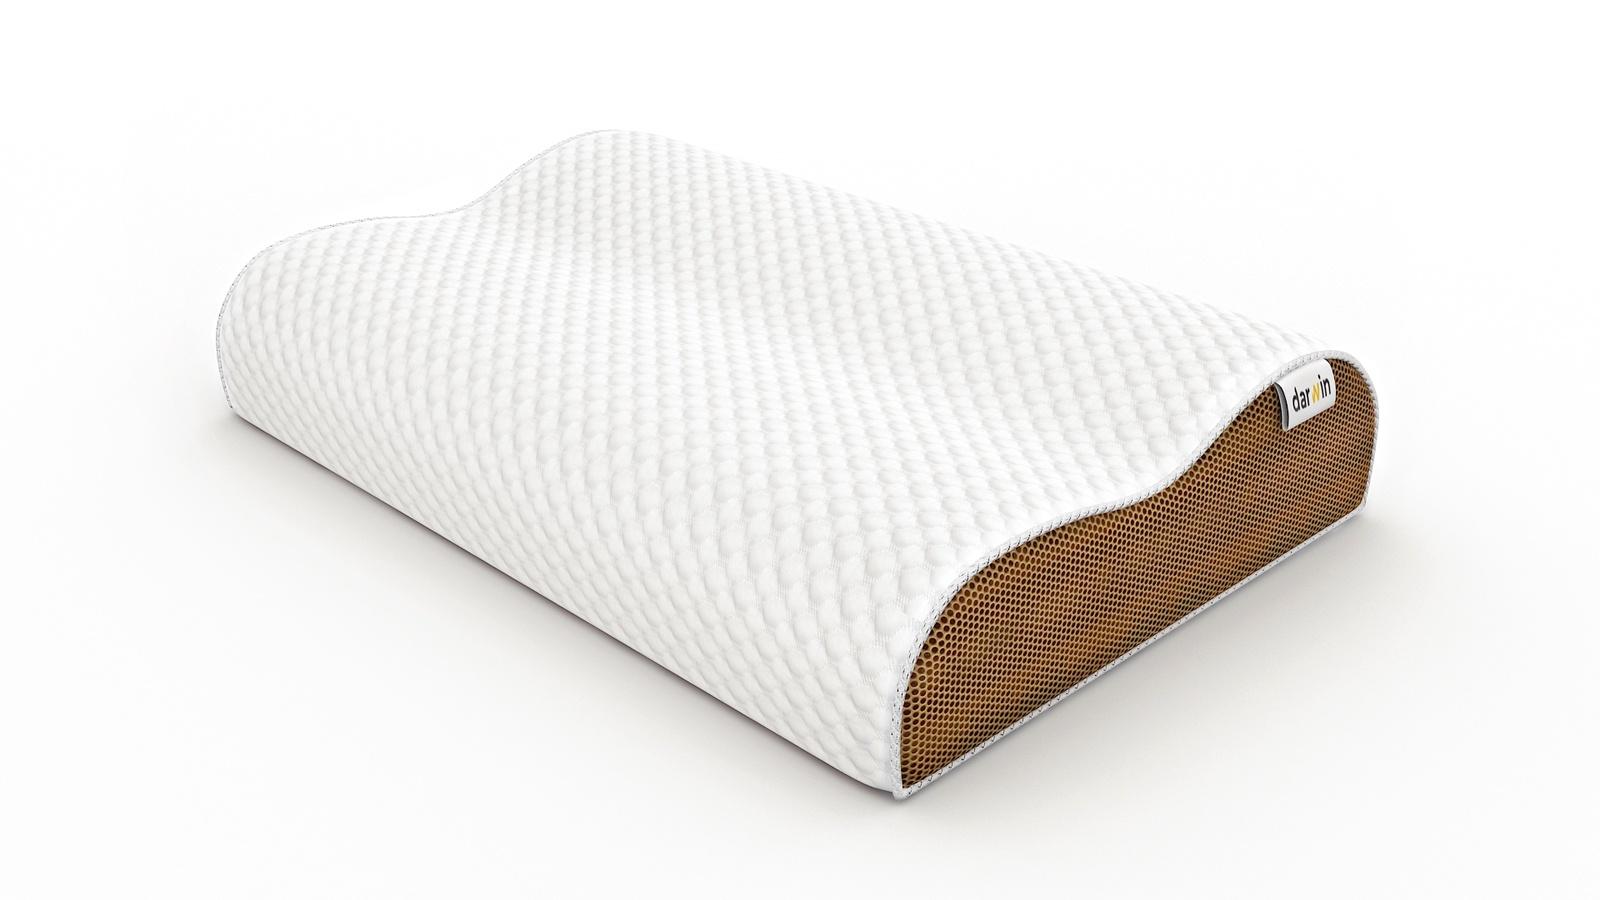 Подушка ортопедическая Darwin Air 1.0 подушки homedics ортопедическая подушка memory foam luxury box